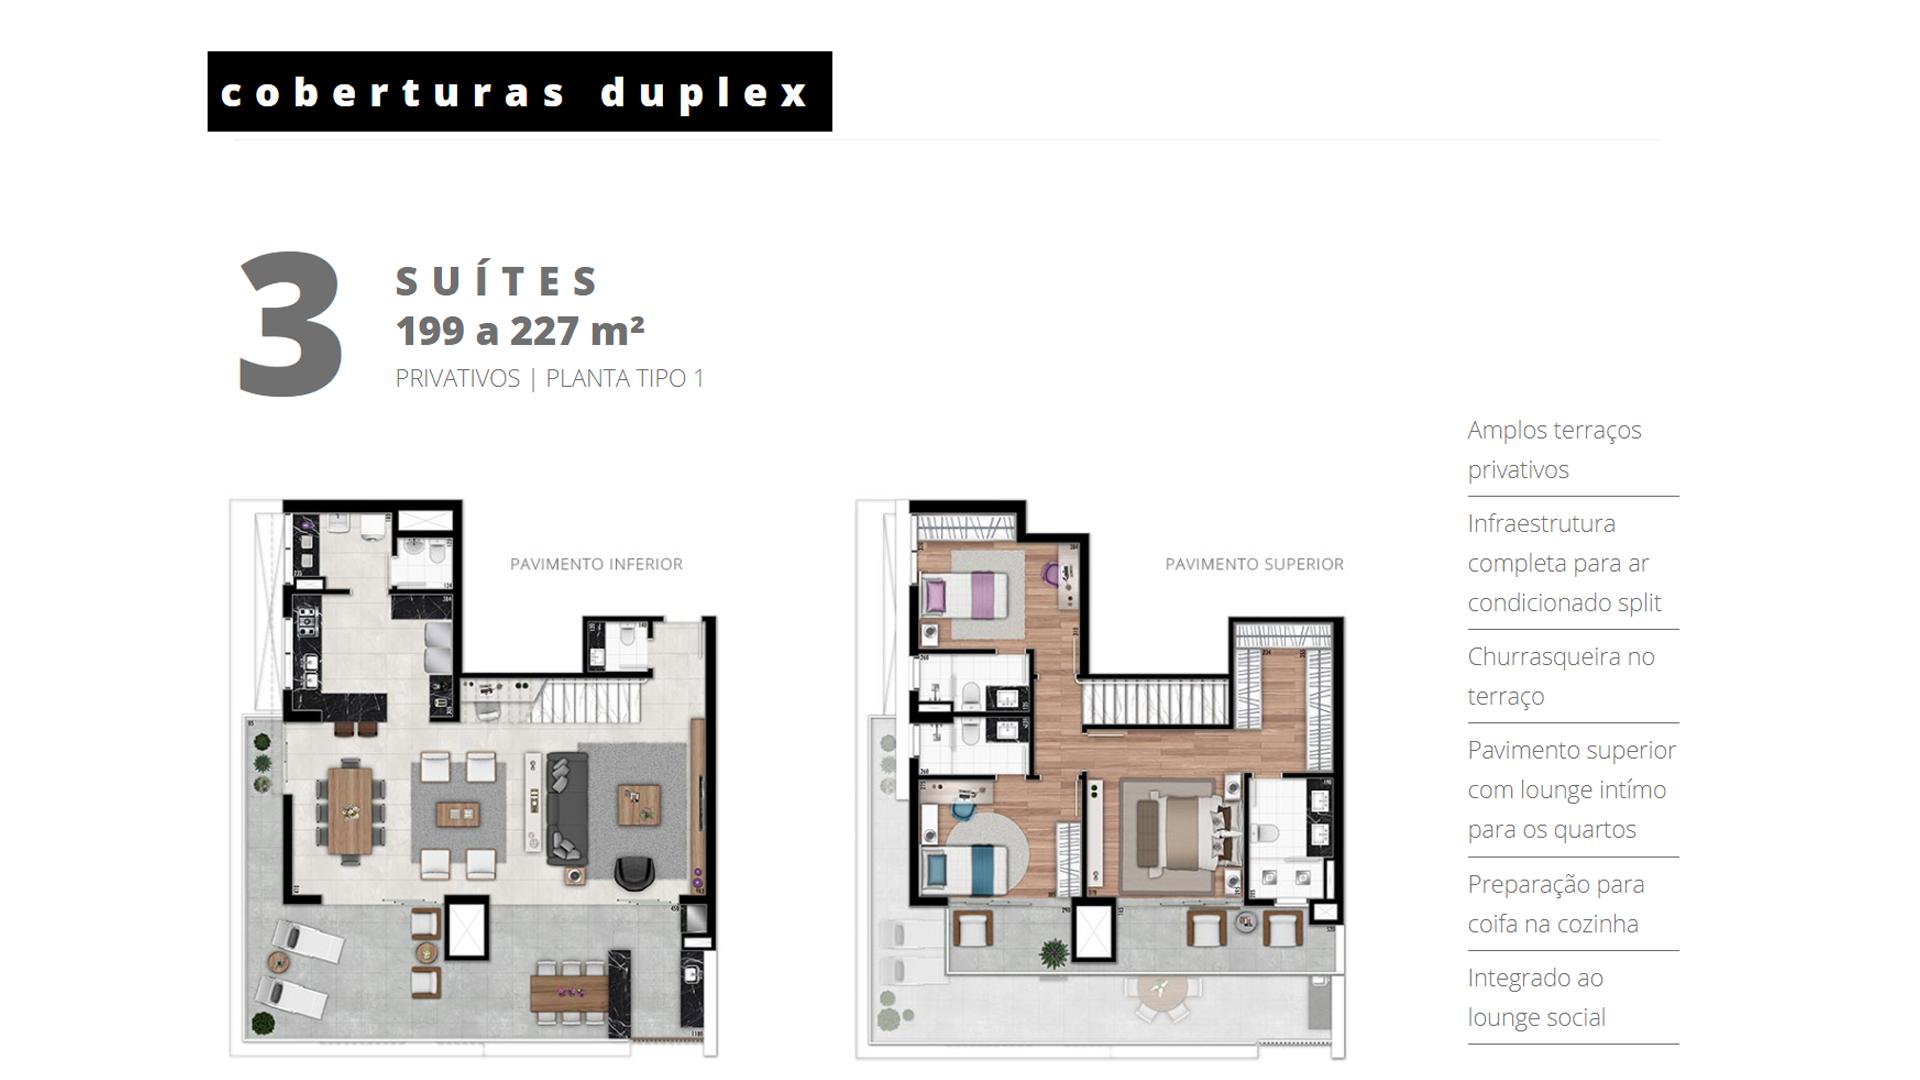 Cobertura Duplex - 3 Suítes